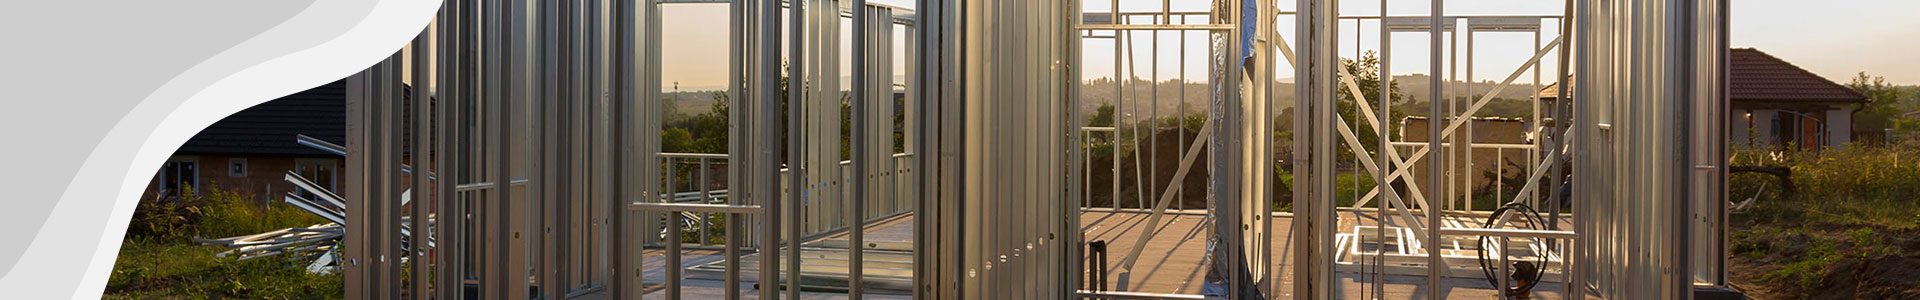 Diseño y construcción con sistemas industrializados - Facultad de Arquitectura